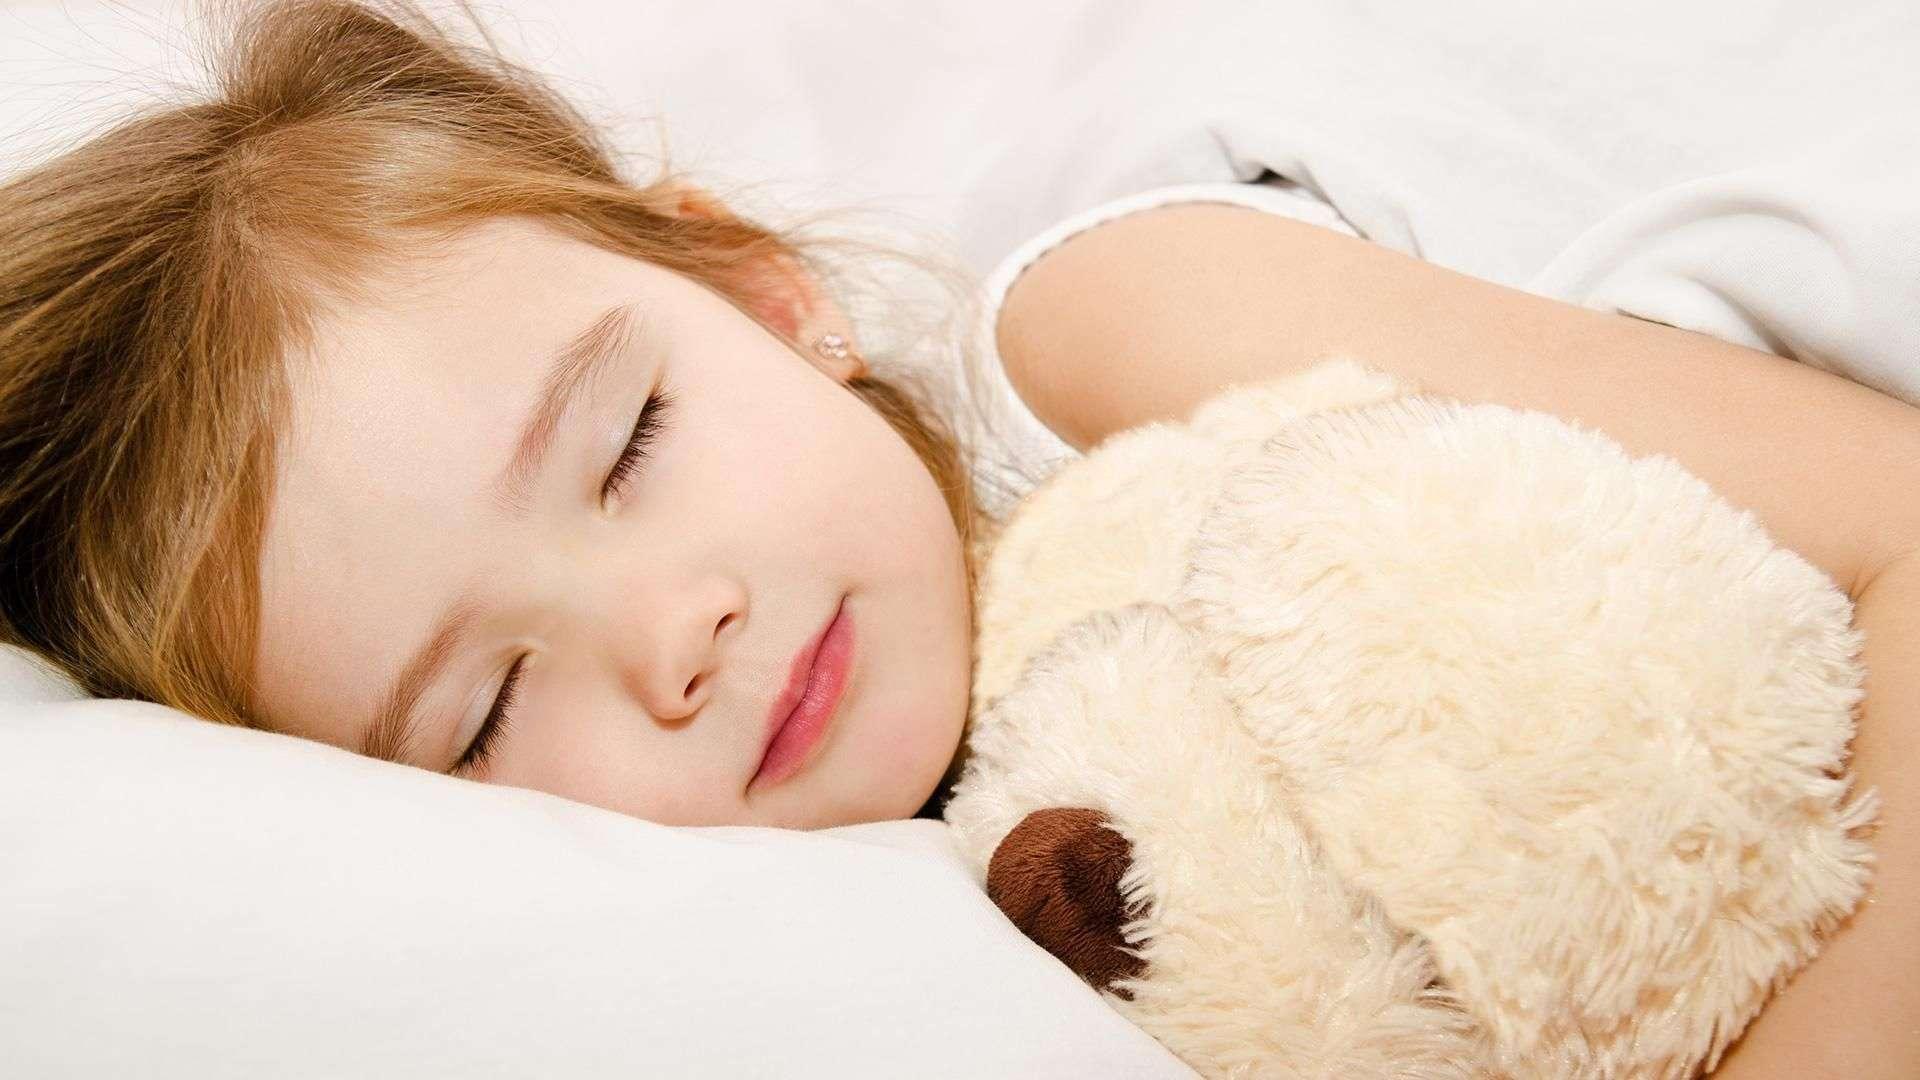 kleines Mädchen schläft mit einem Teddy im Arm